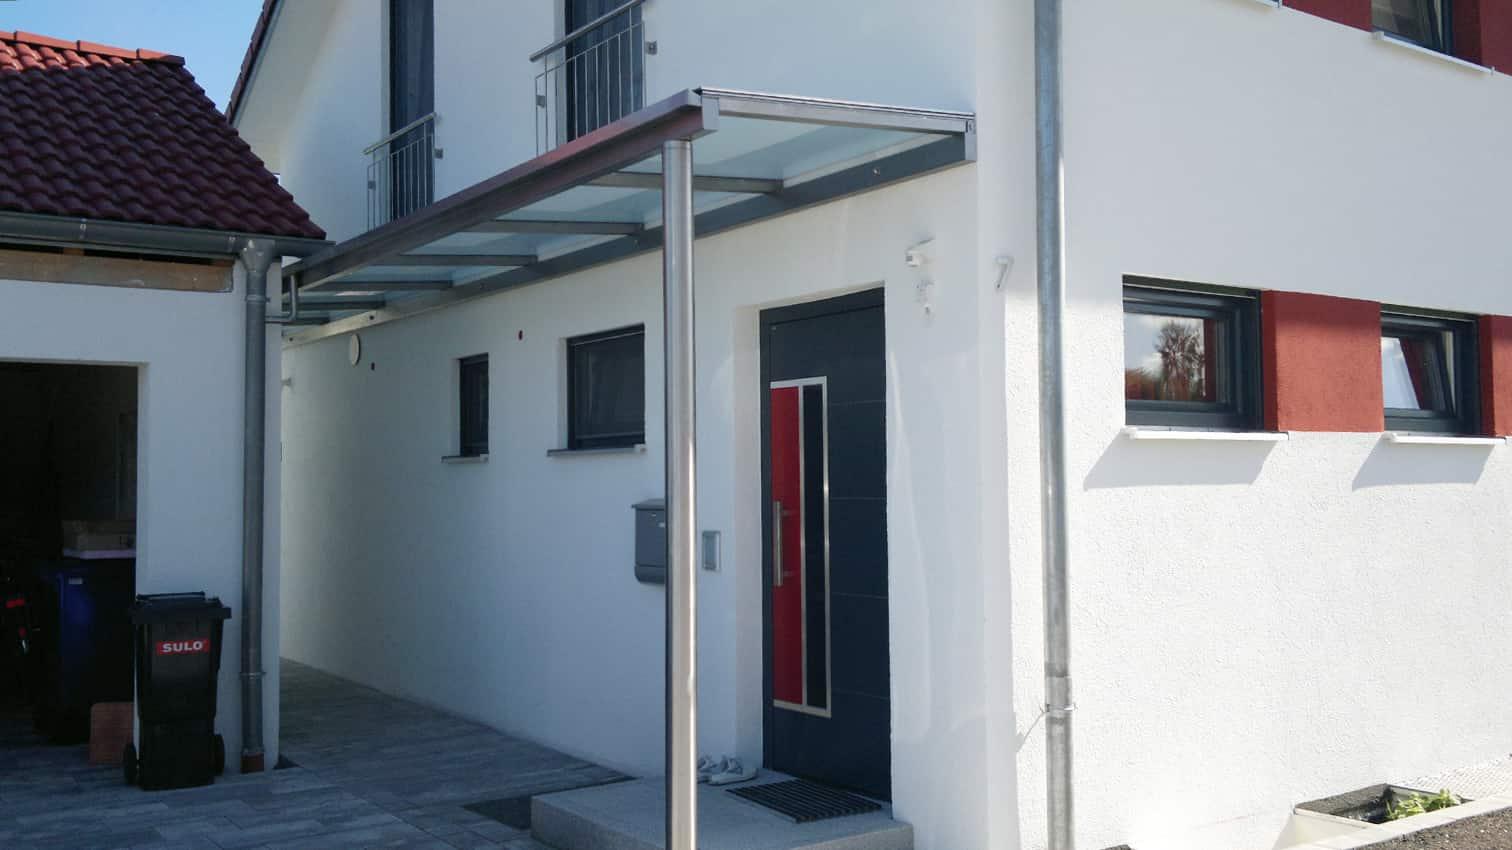 Wettergeschützter Eingangs- & Durchgangsbereich